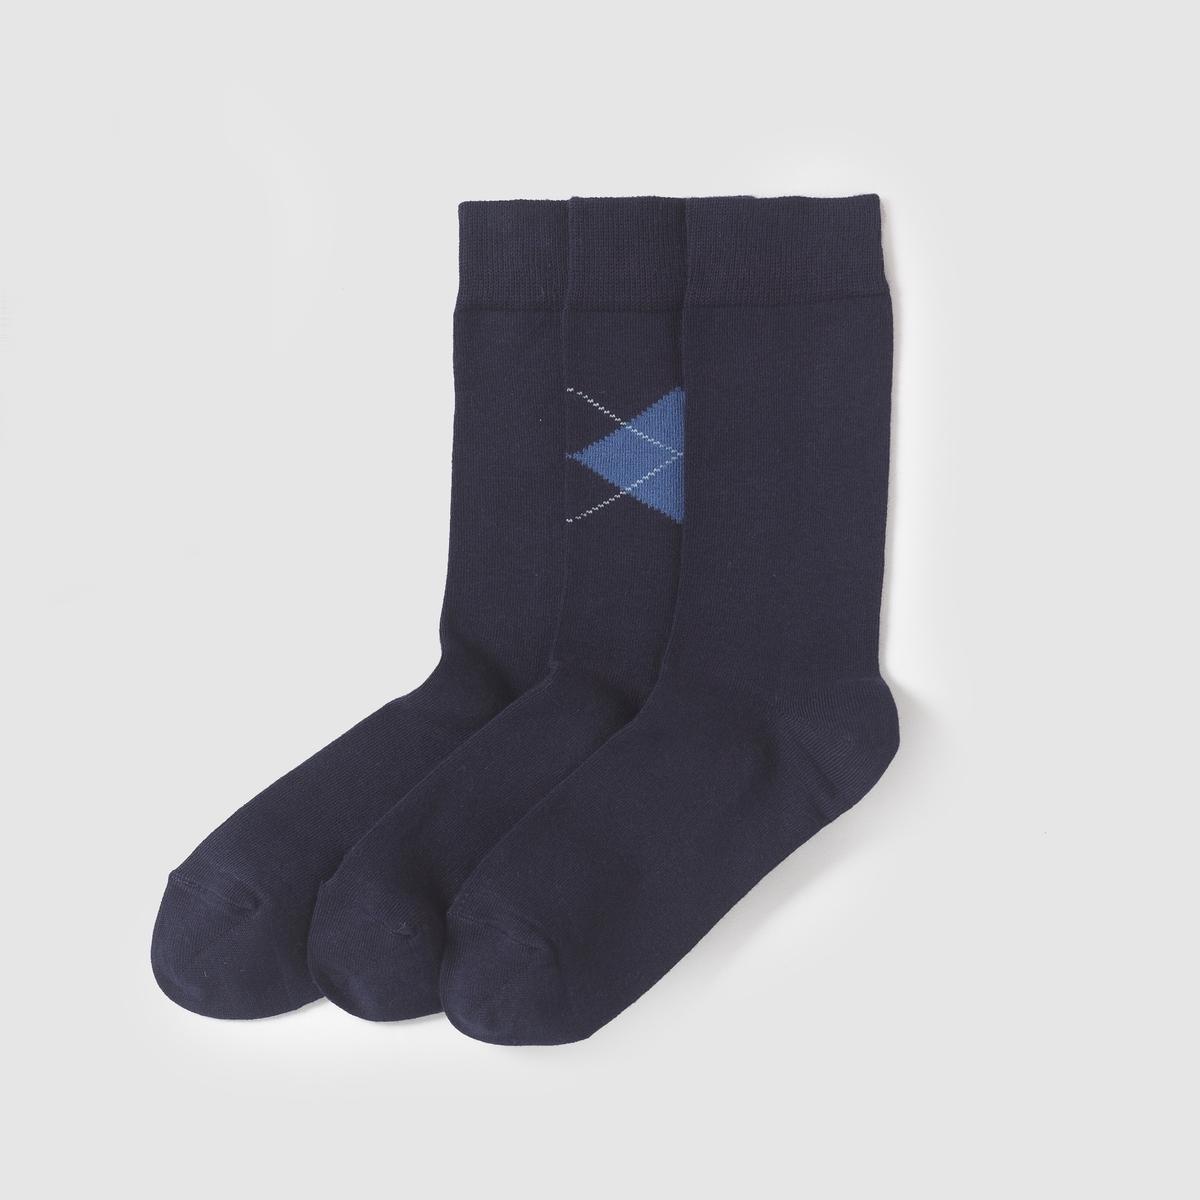 Комплект из 3 пар носков из модалаСостав и описаниеМатериал : 40% хлопка, 40% модала, 17% полиамида, 3% эластанаМарка :  R essentiel<br><br>Цвет: антрацит + темно-синий,черный + темно-серый меланж<br>Размер: 39/42